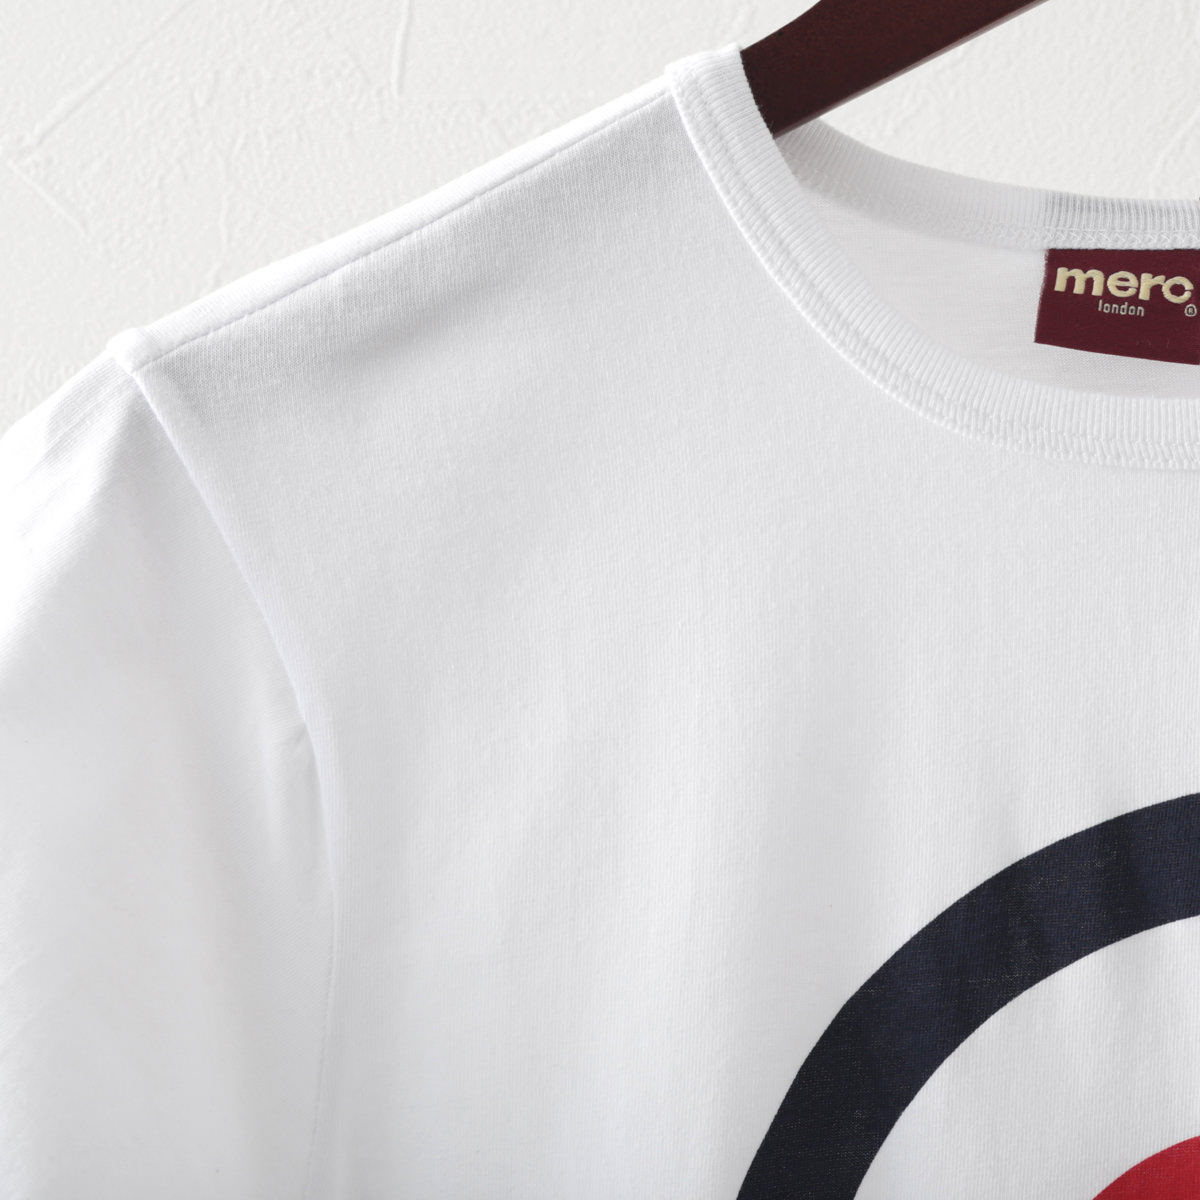 メルクロンドン メンズ Tシャツ ターゲットマーク Merc London ホワイト レトロ